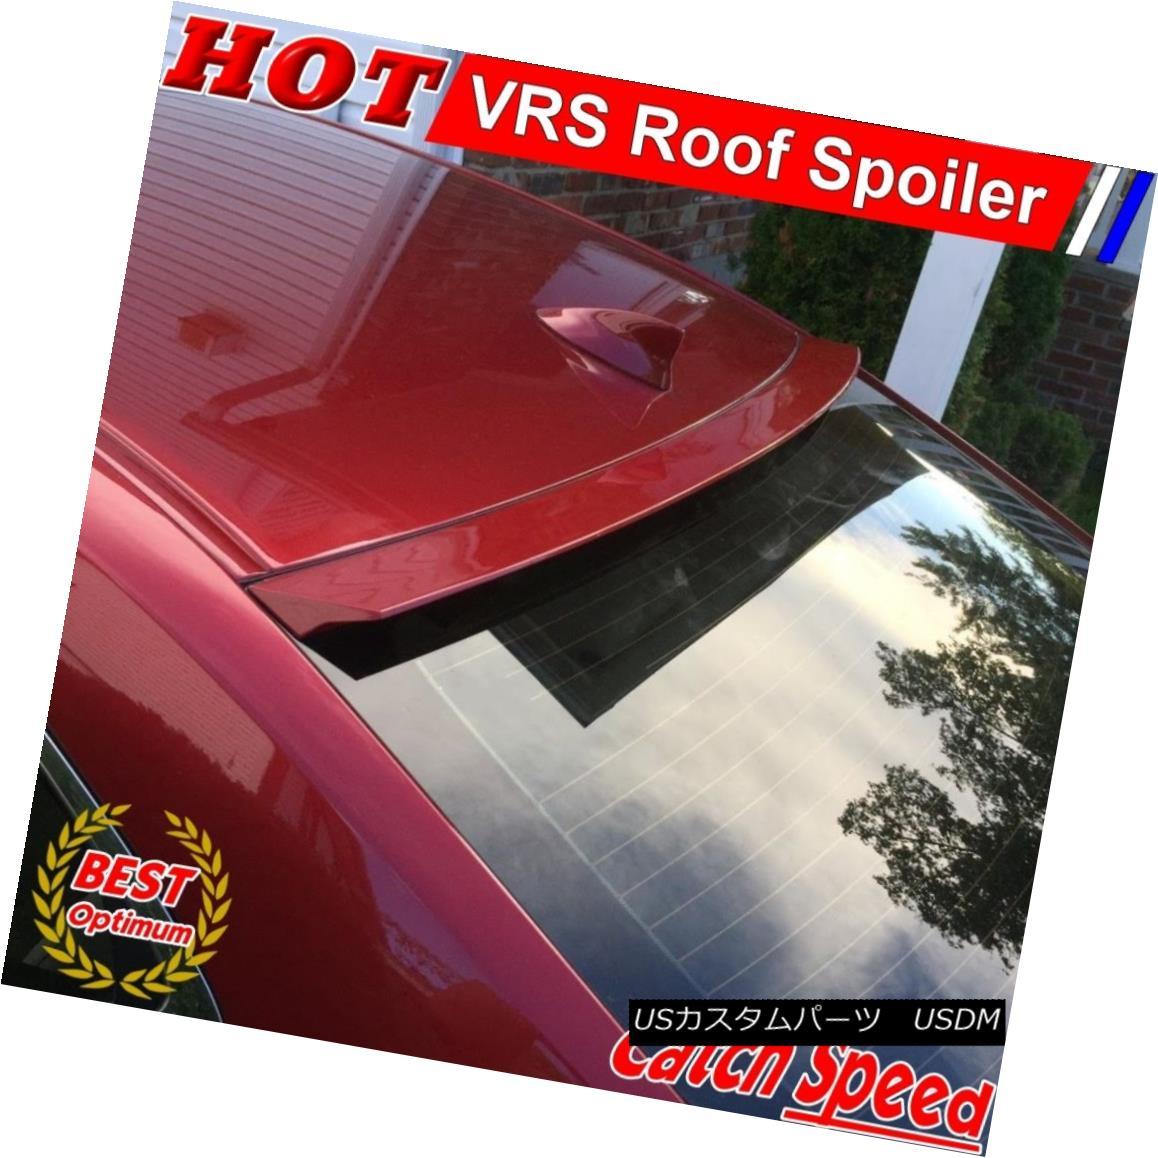 エアロパーツ Flat Black VRS Type Rear Roof Spoiler For Mitsubishi ECLIPSE 4G Coupe 2006~2010 三菱ECLIPSE 4Gクーペ用フラットブラックVSタイプリアルーフスポイラー2006?2010